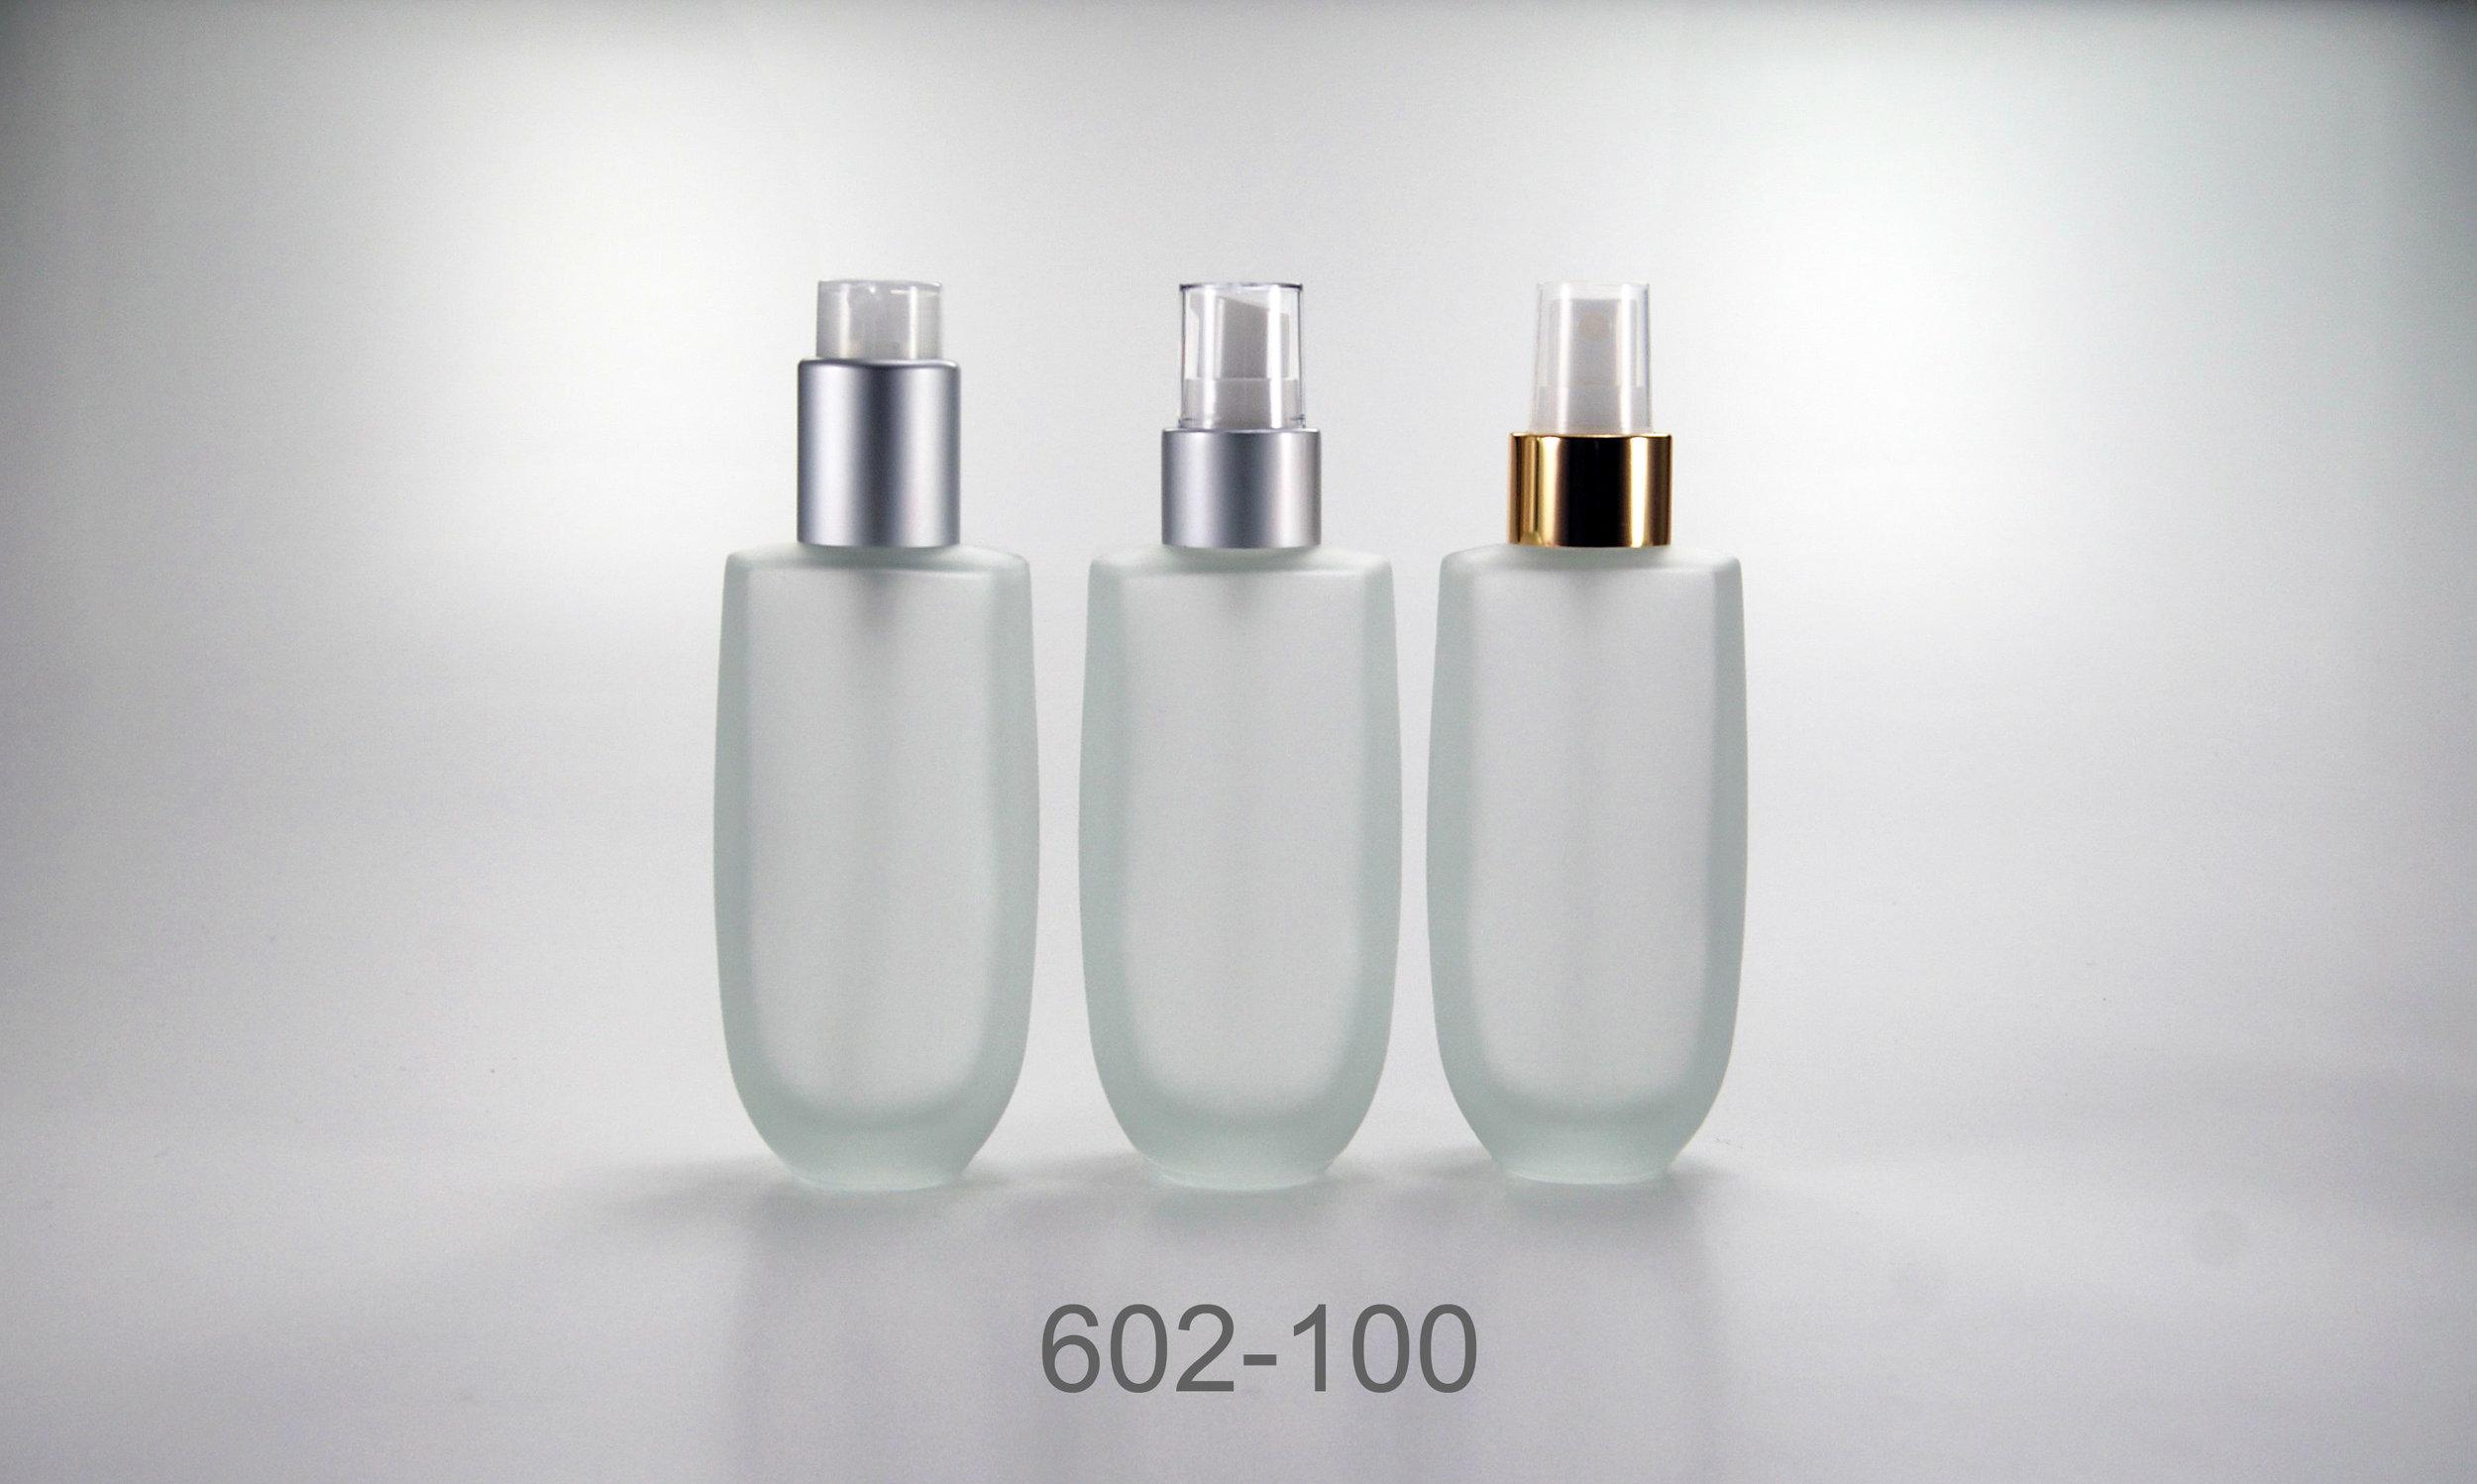 602-100 1.jpg